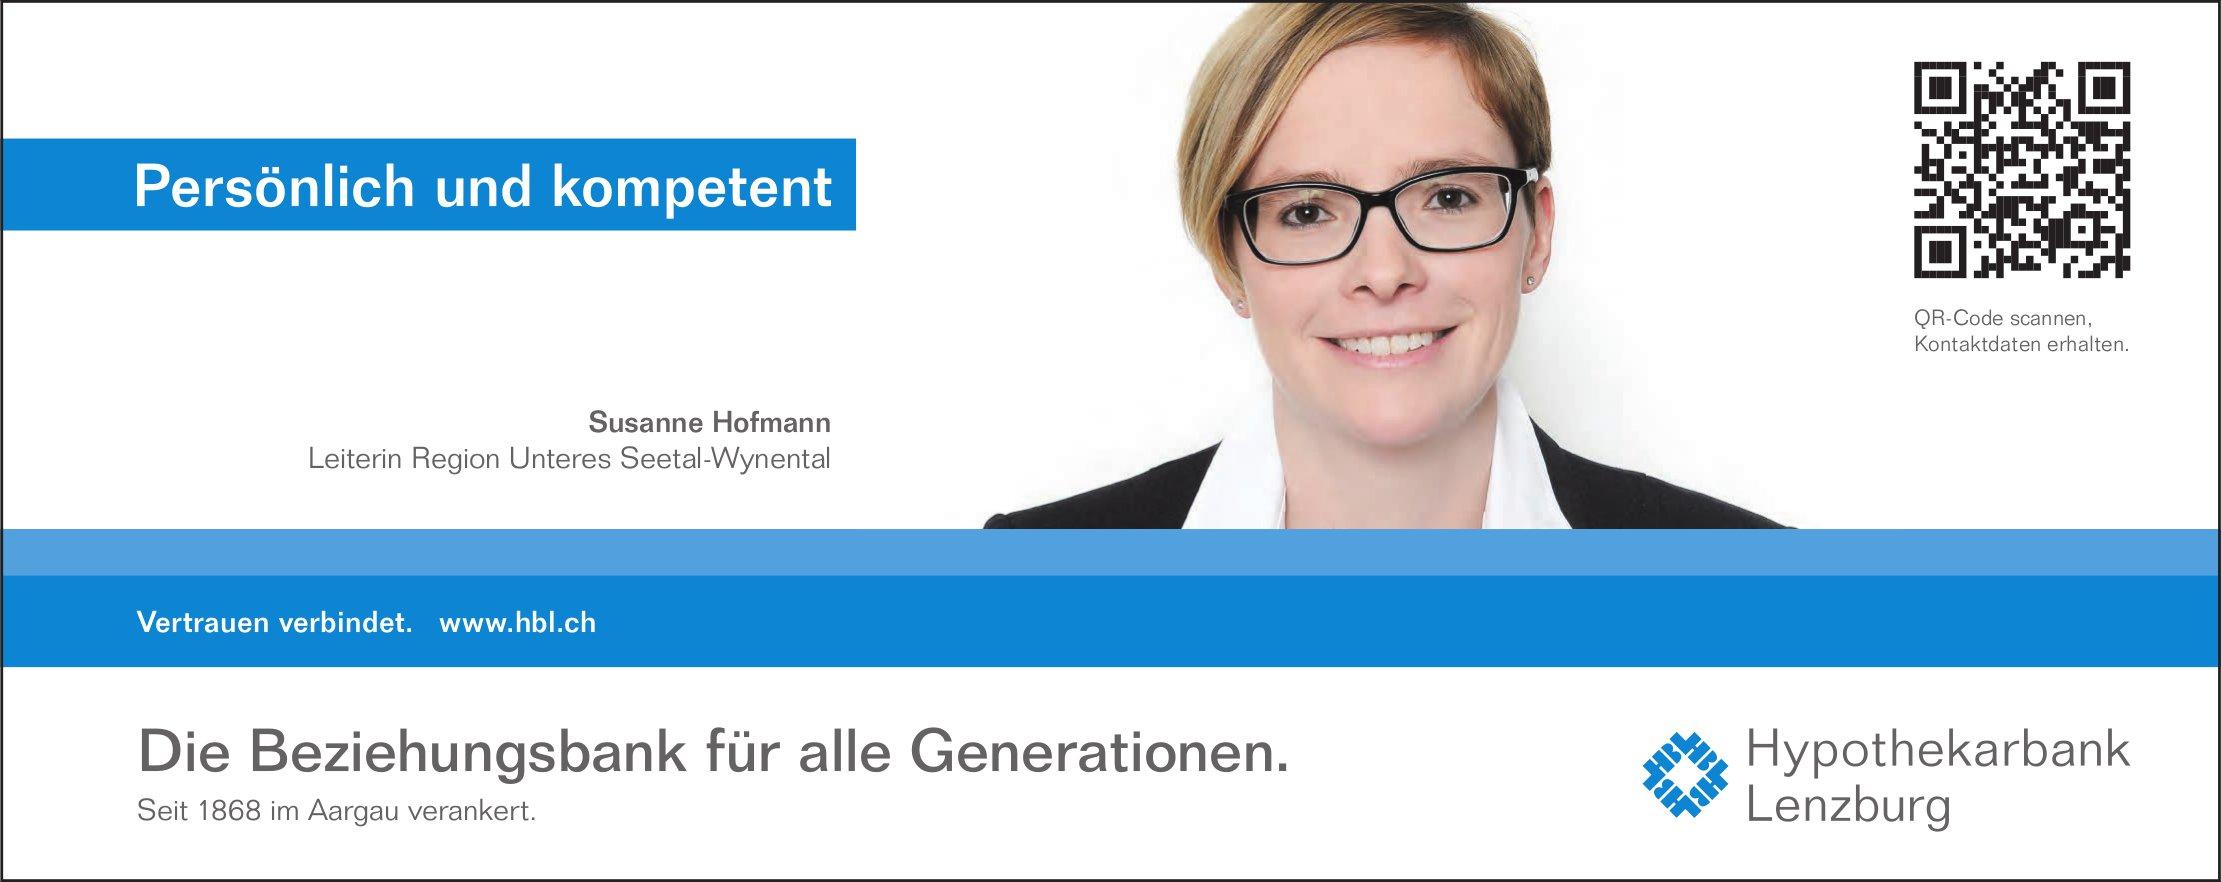 Hypothekarbank, Lenzburg - Persönlich und kompetent